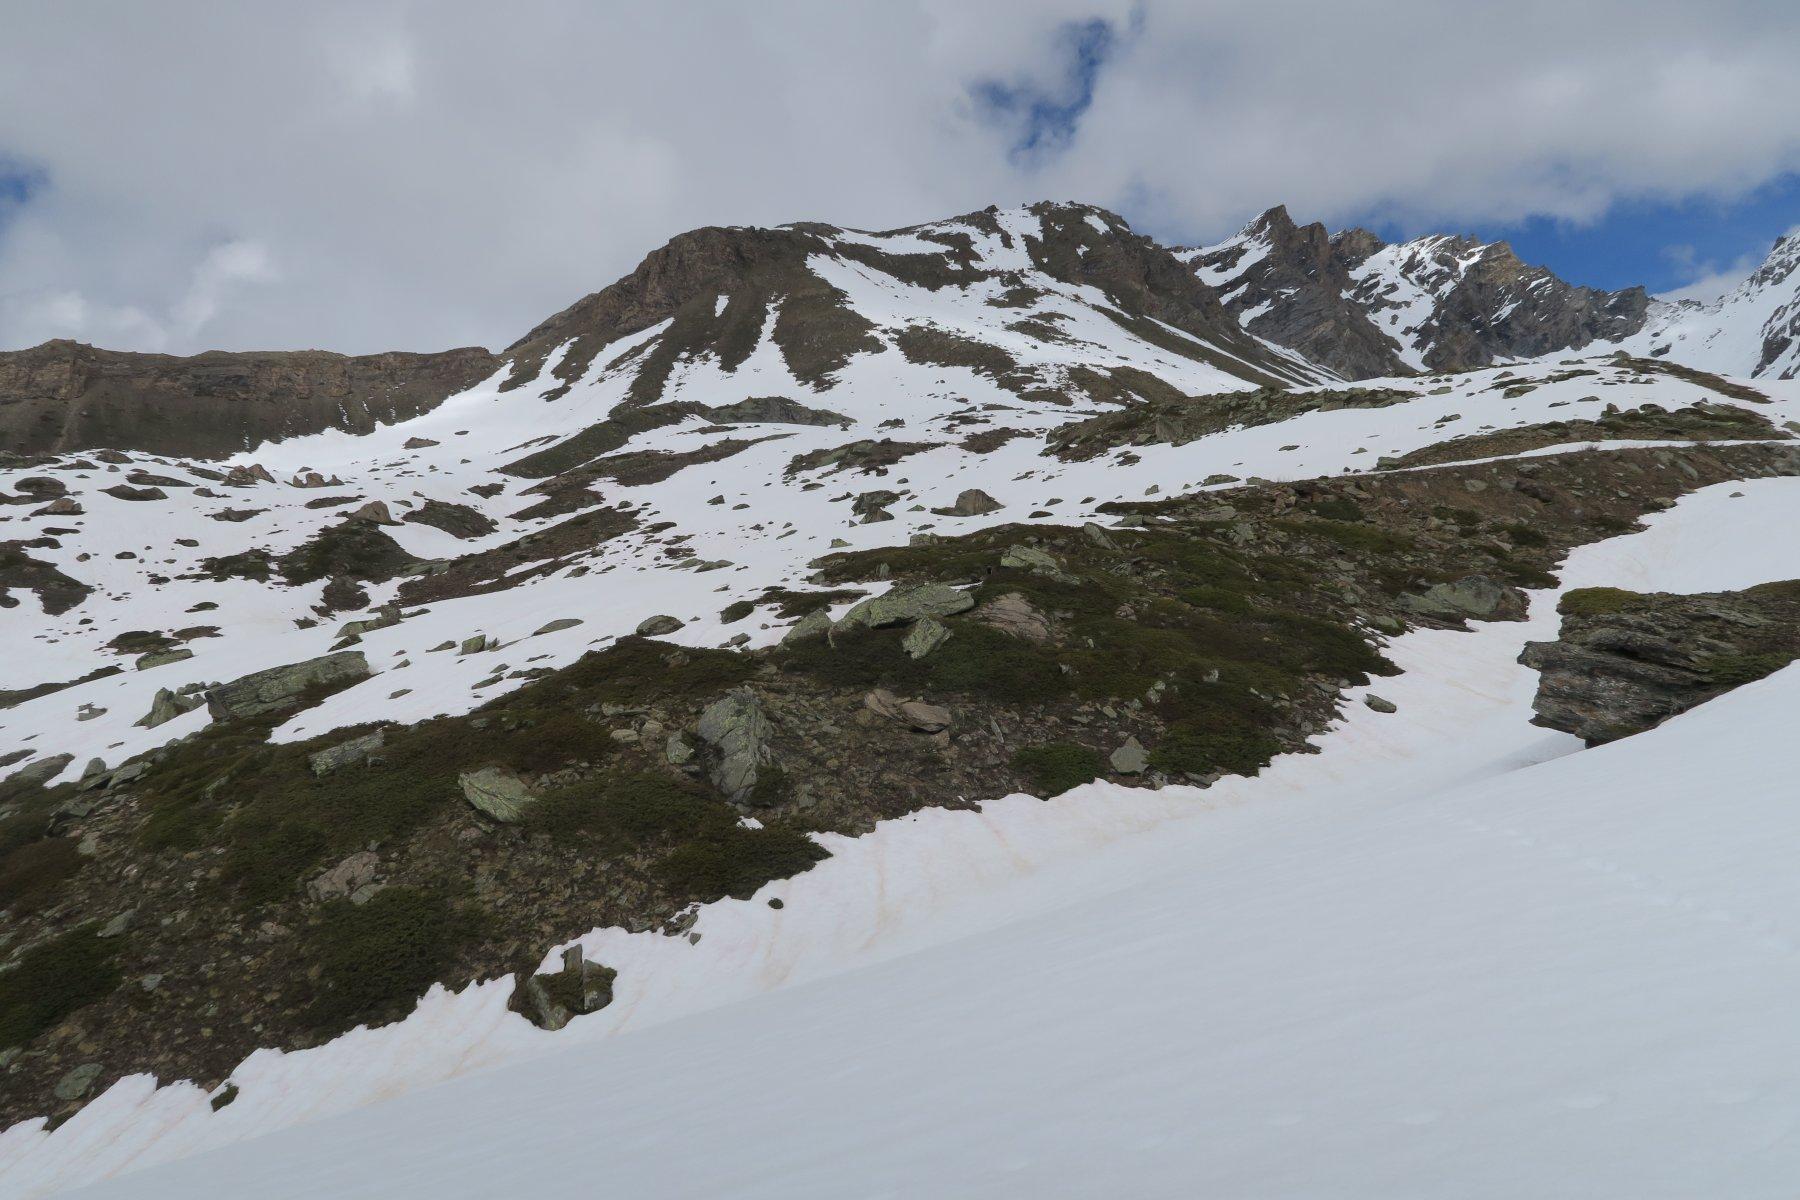 al rientro sul ripido pendio erboso la neve fresca si era squagliata